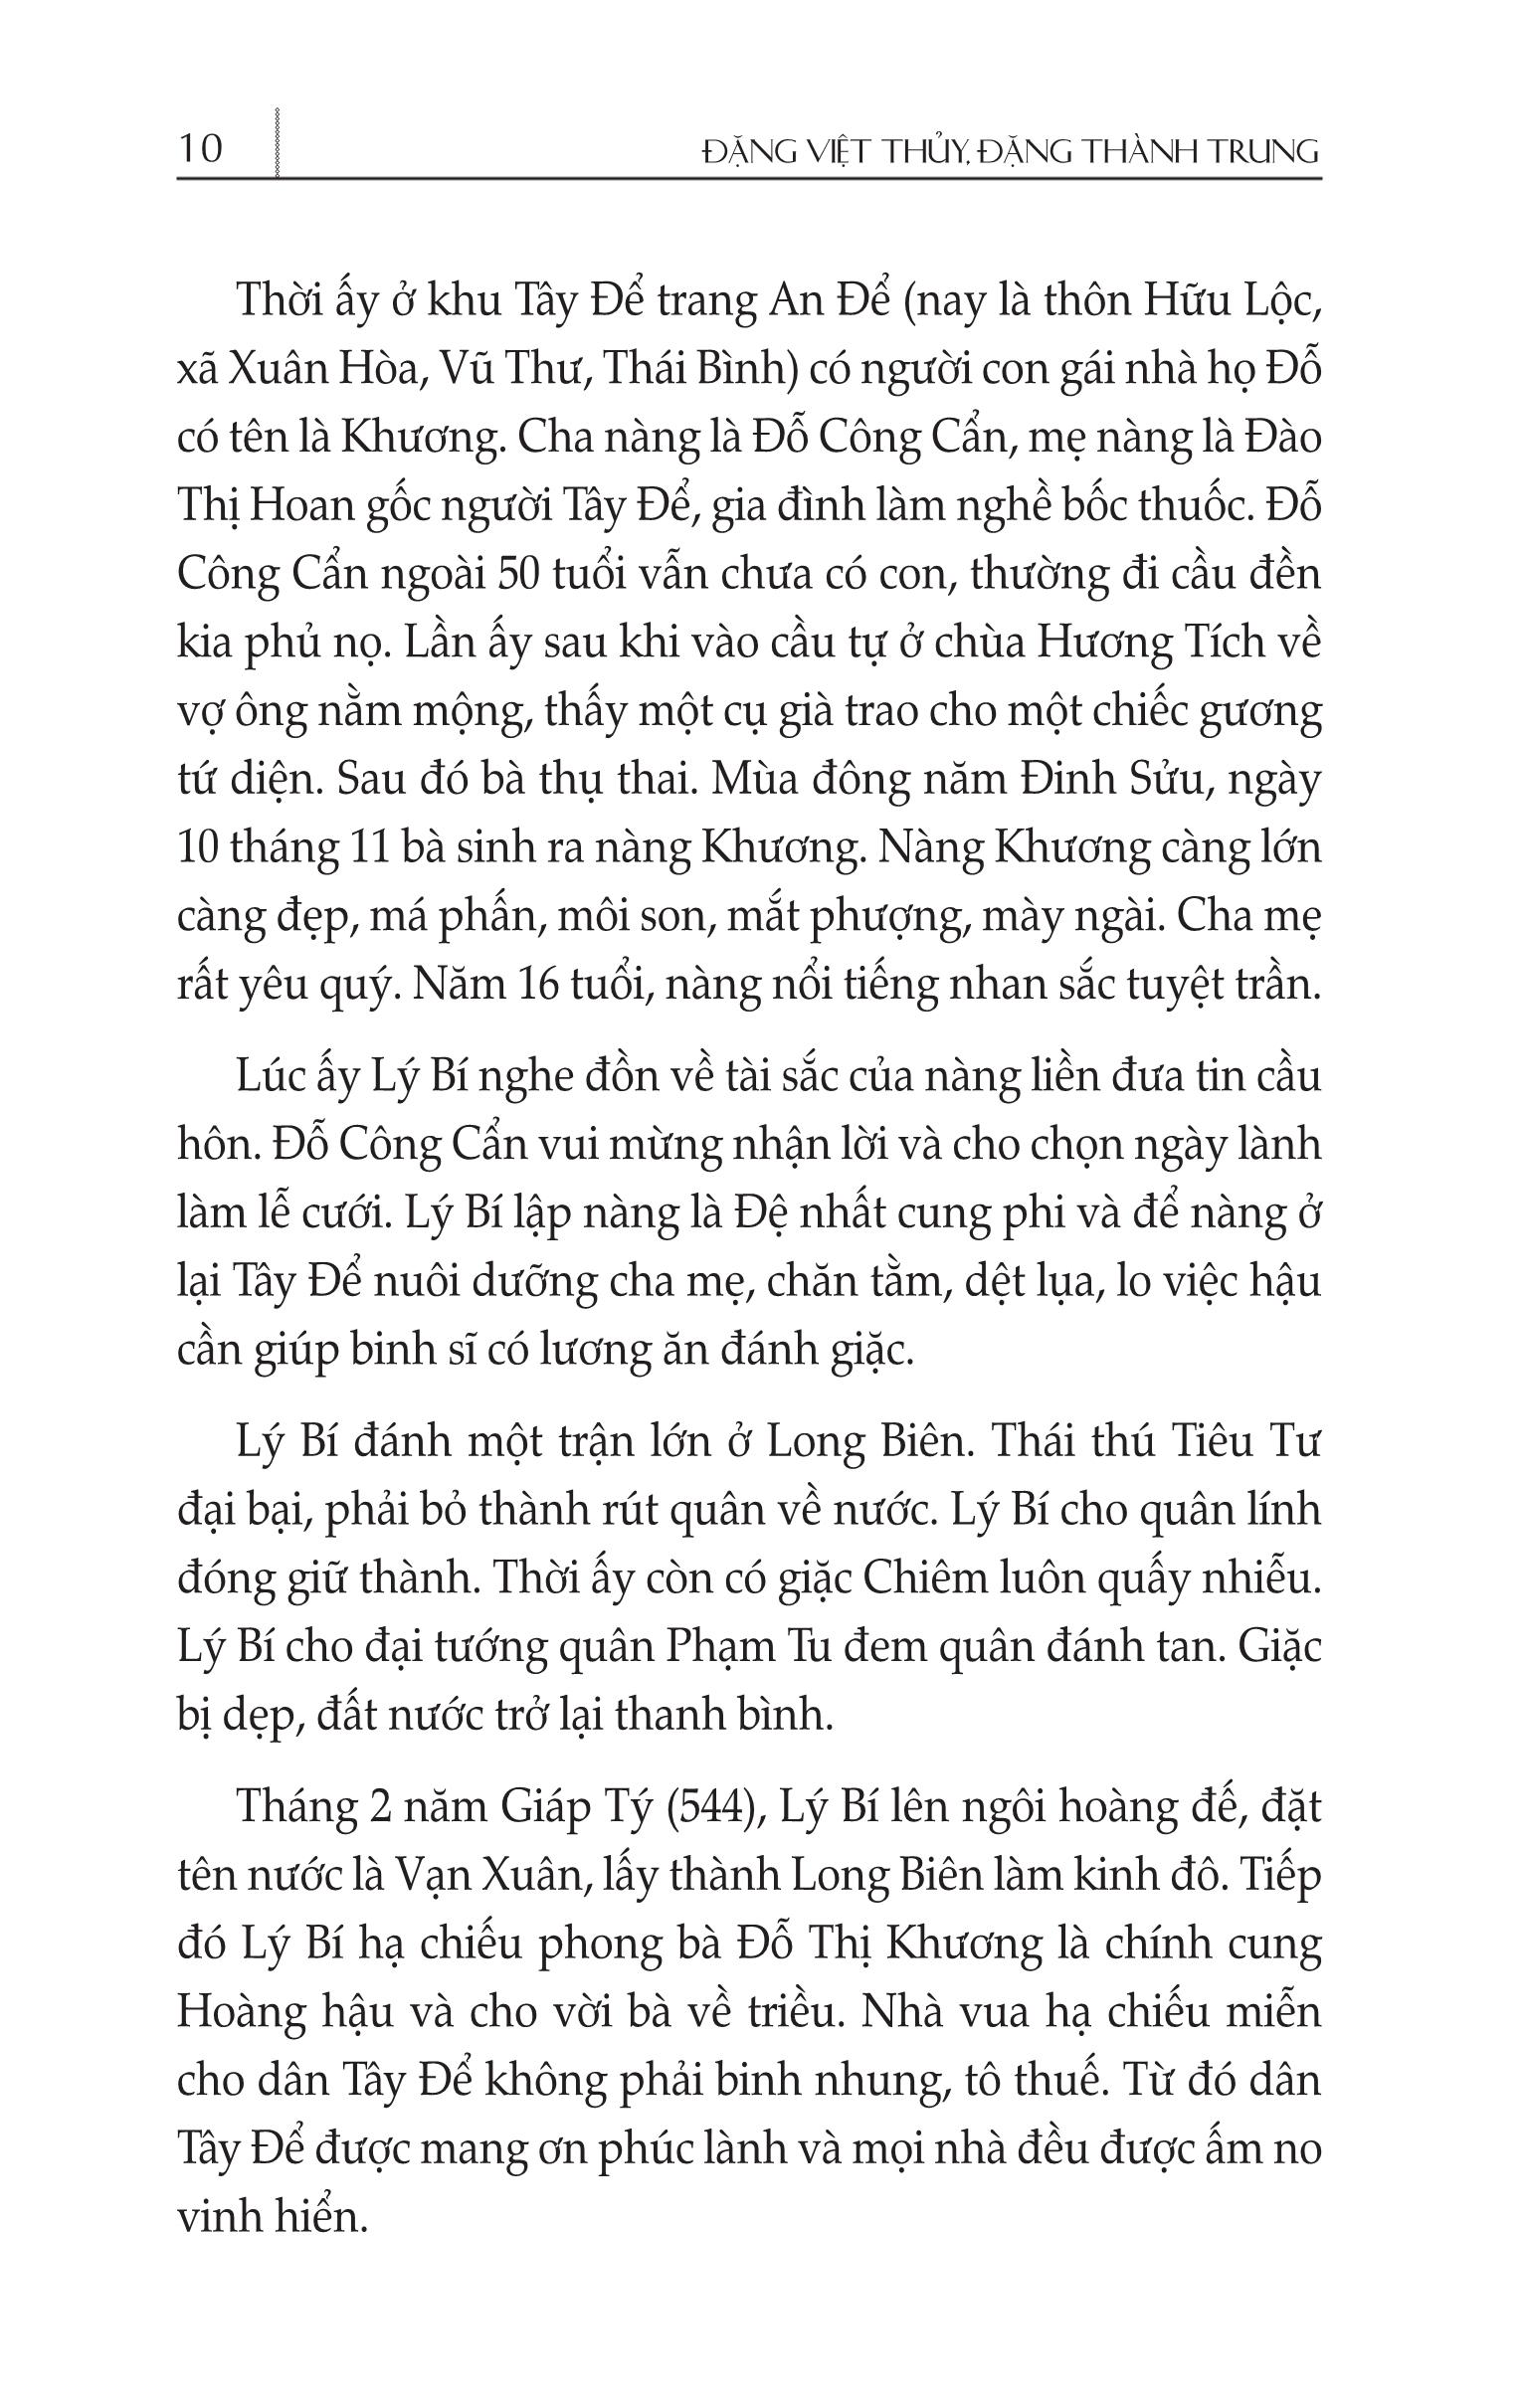 54 Vị Hoàng Hậu Việt Nam (2019)